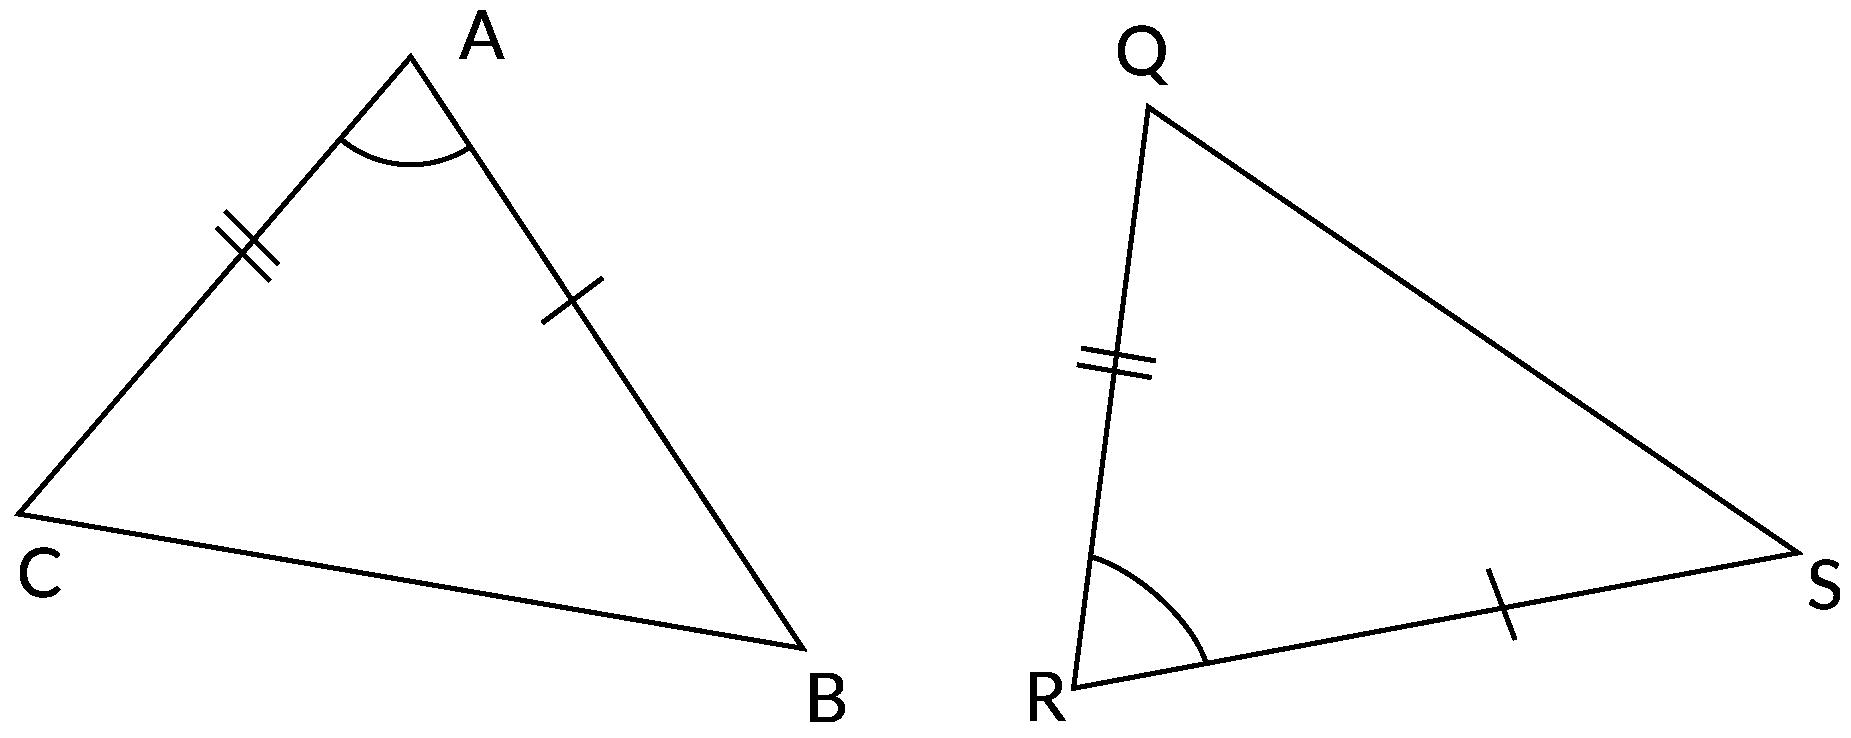 SAS Postulate (side angle side)